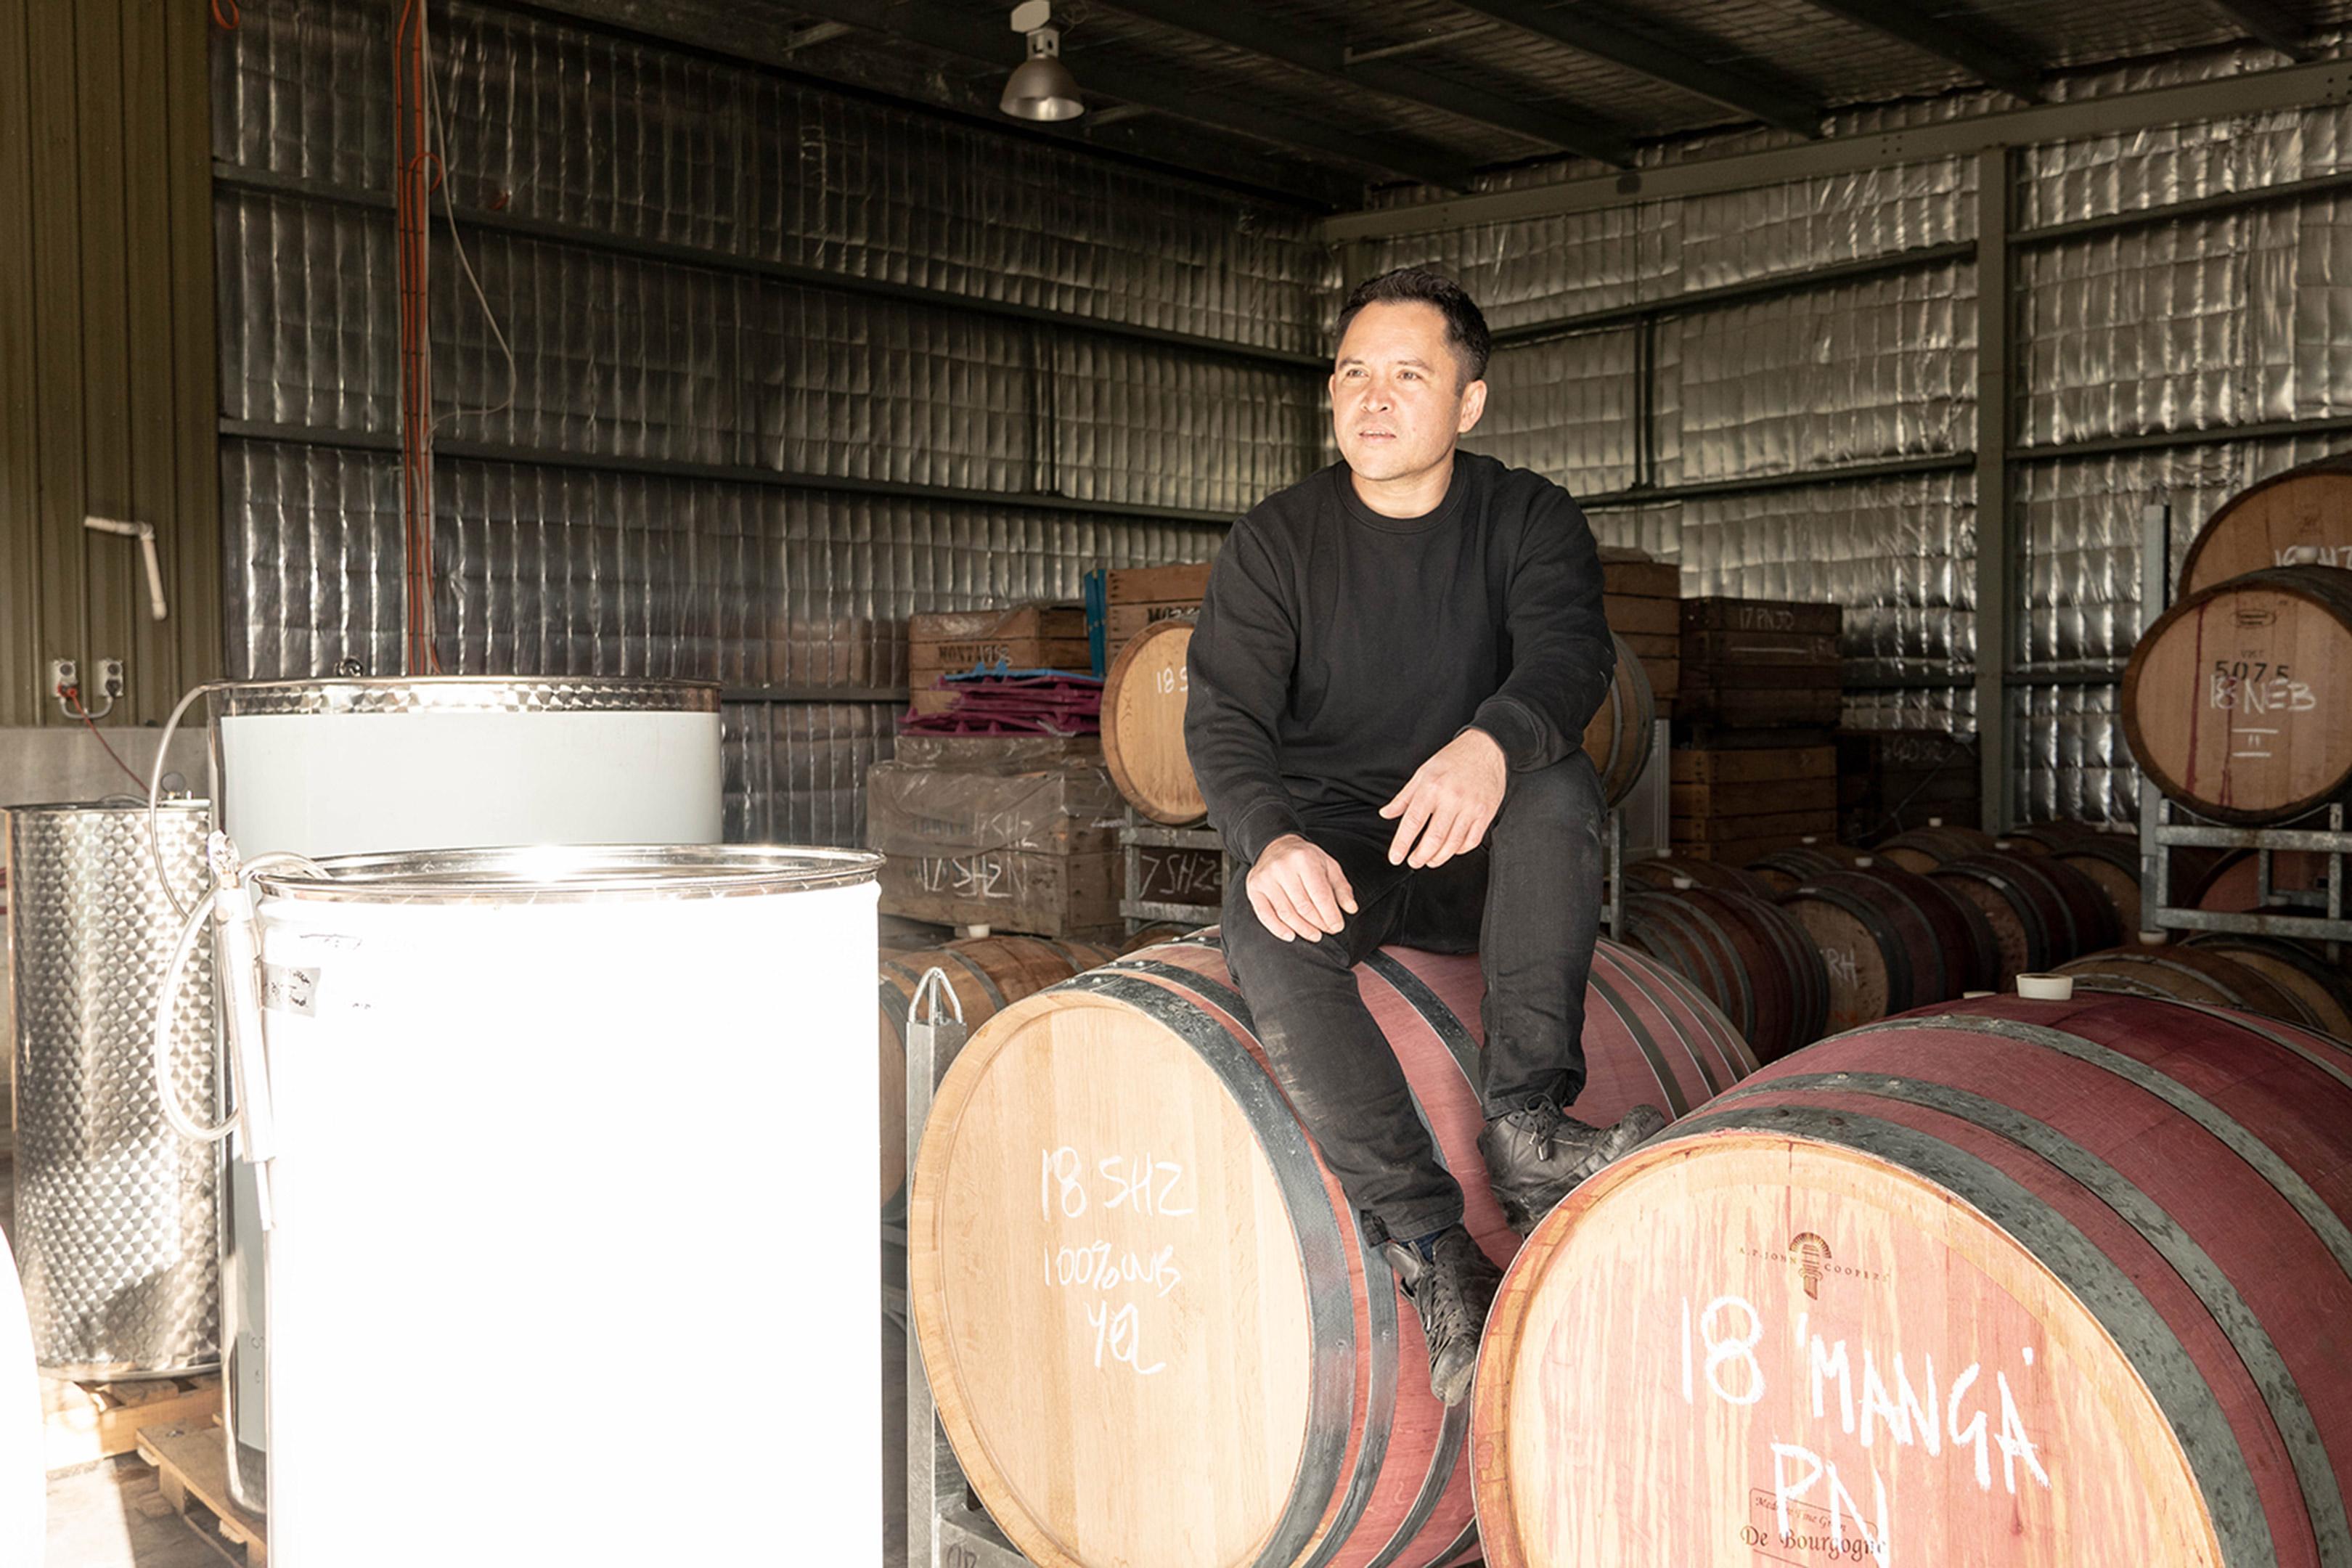 Yarra Valley Winemaker